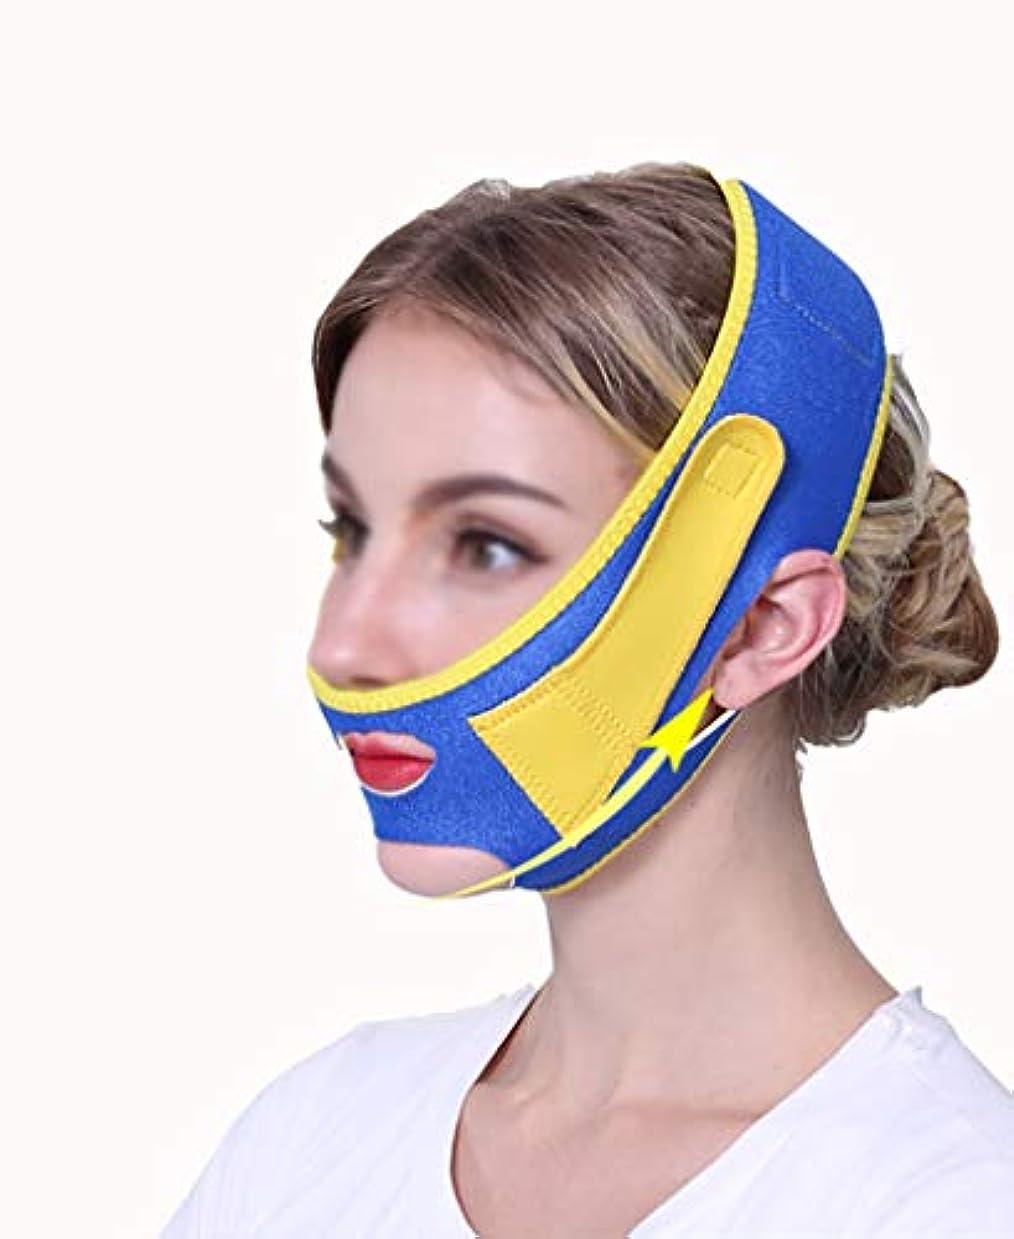 遅らせる豊富な正確にフェイスリフトマスク、あごストラップ回復包帯シンフェイスマスクVフェイスステッカーフェイスリフトステッカー韓国本物のリフティング引き締めリフト整形薄型ダブルあごフェイスリフト睡眠包帯アーティファクト